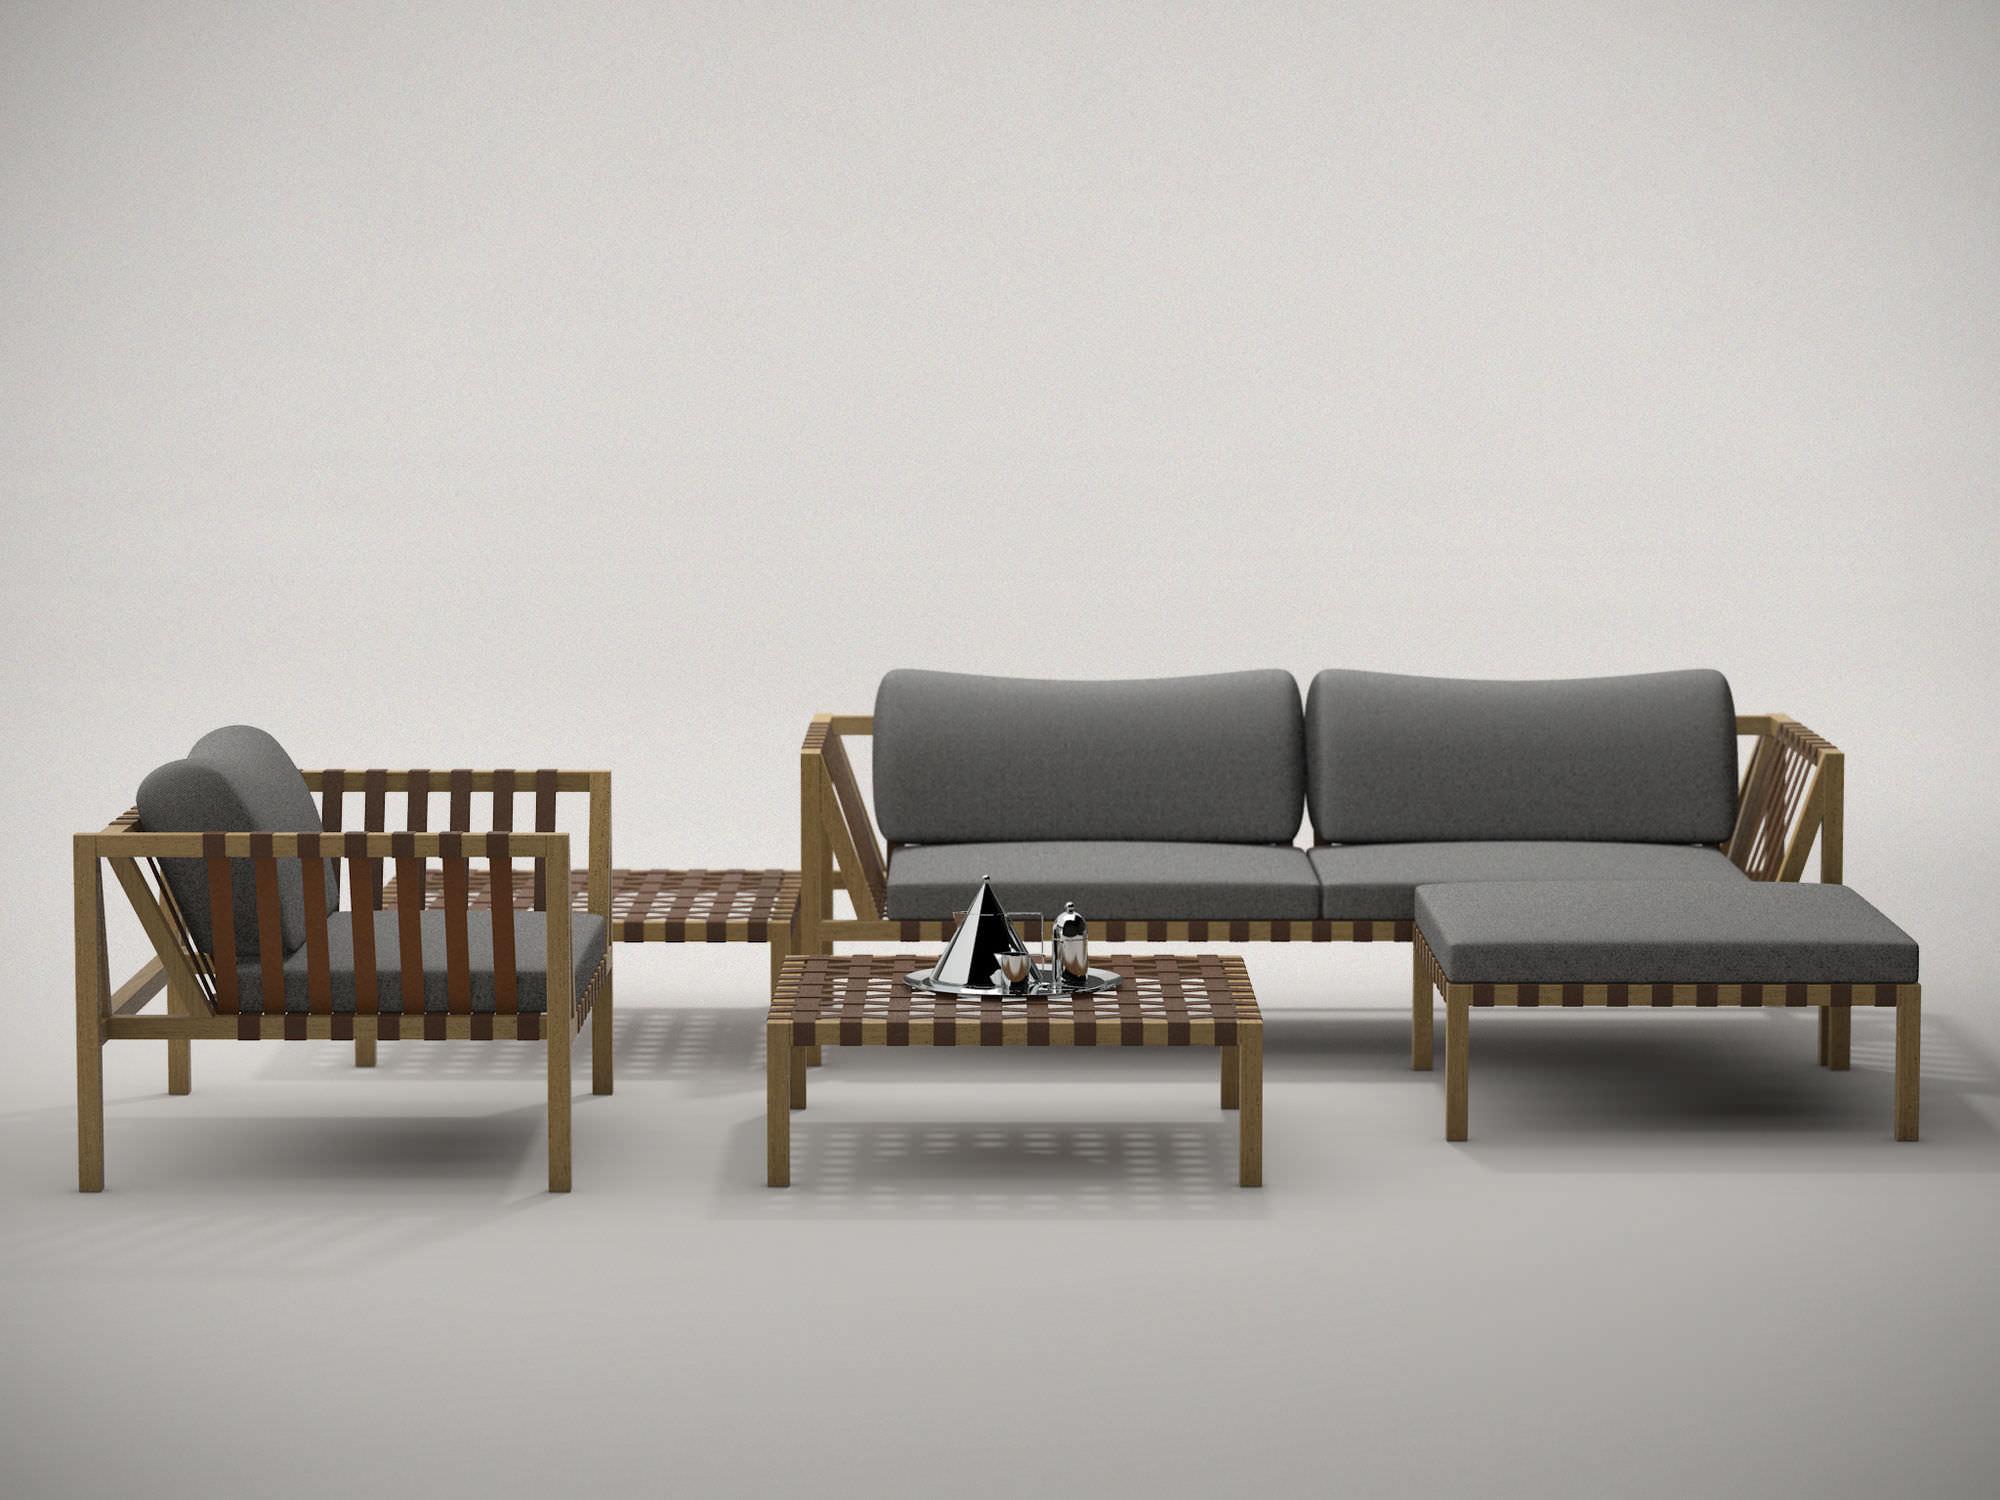 Divano moderno da giardino in legno posti wing